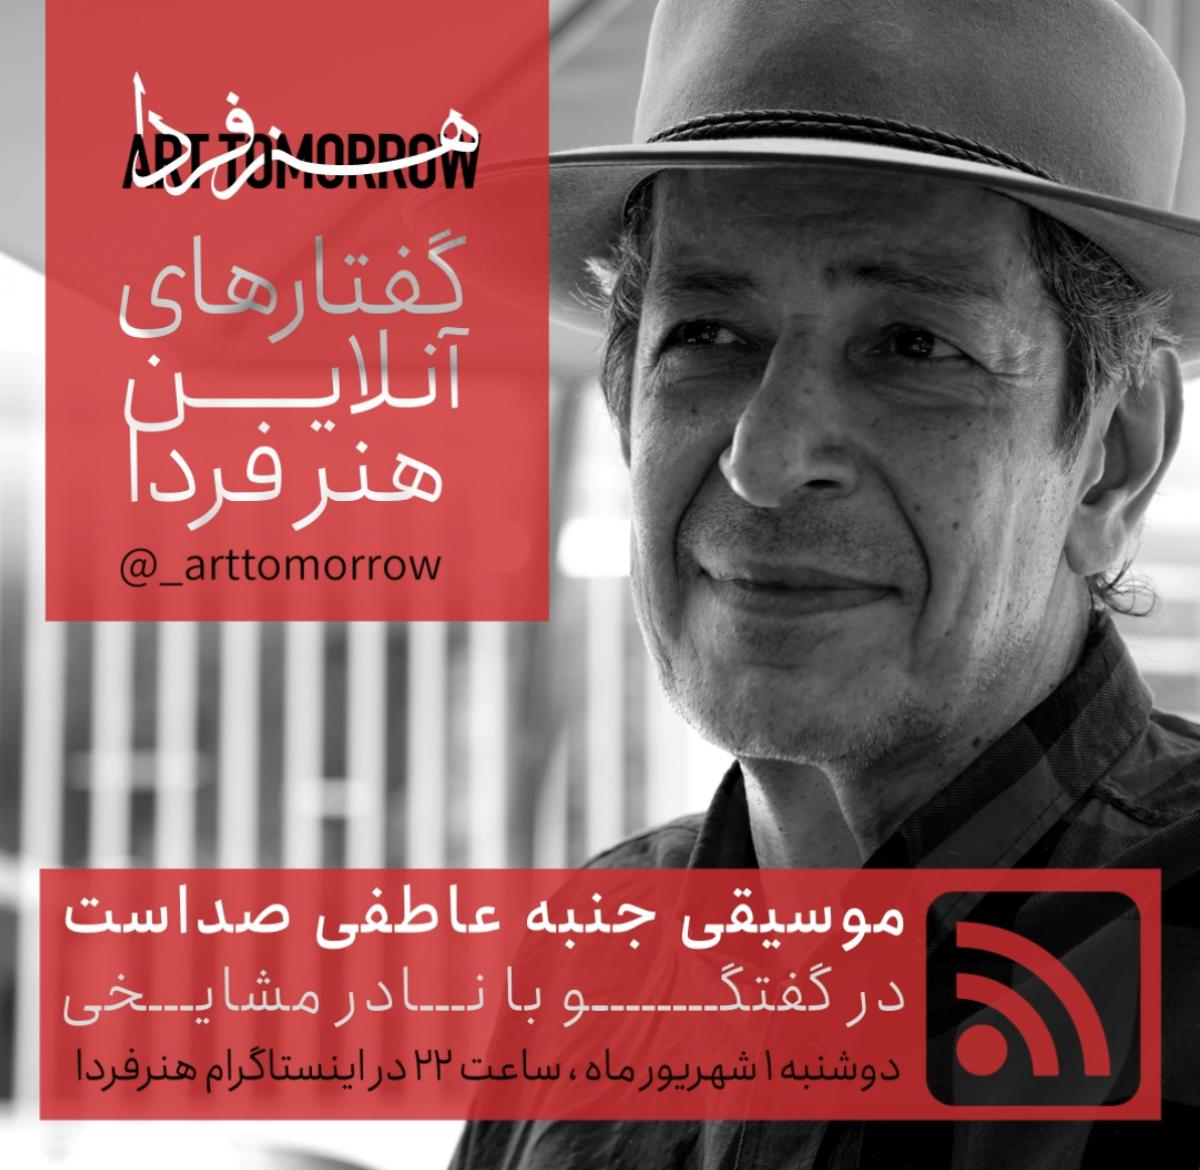 """نادر مشایخی سیوششمین مهمان """"گفتارهای آنلاین هنر فردا"""""""